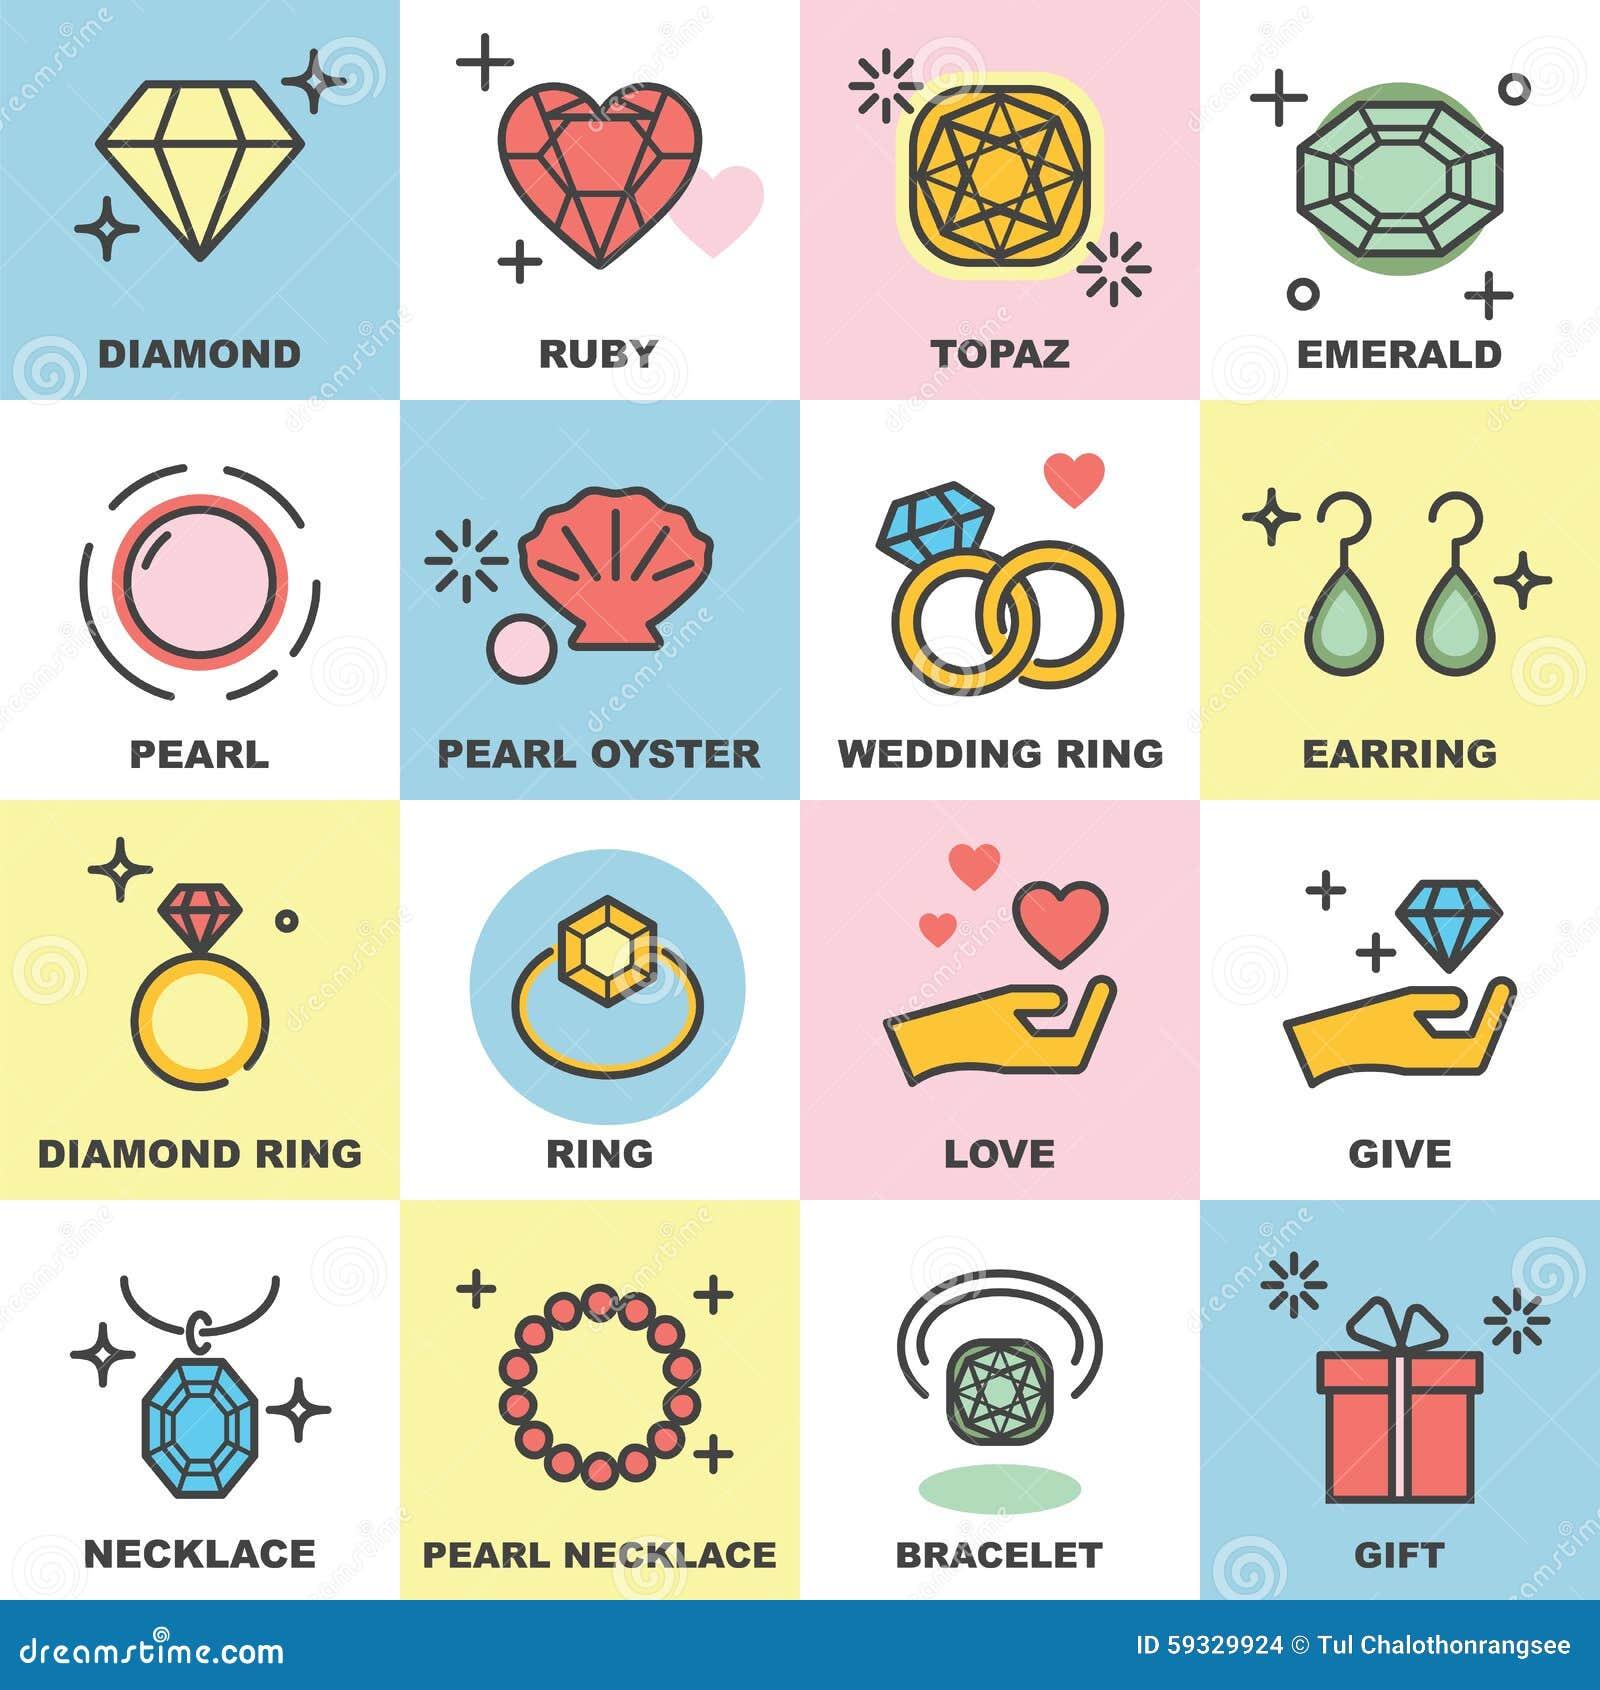 Business plan for jewelry line essaysbank x fc2